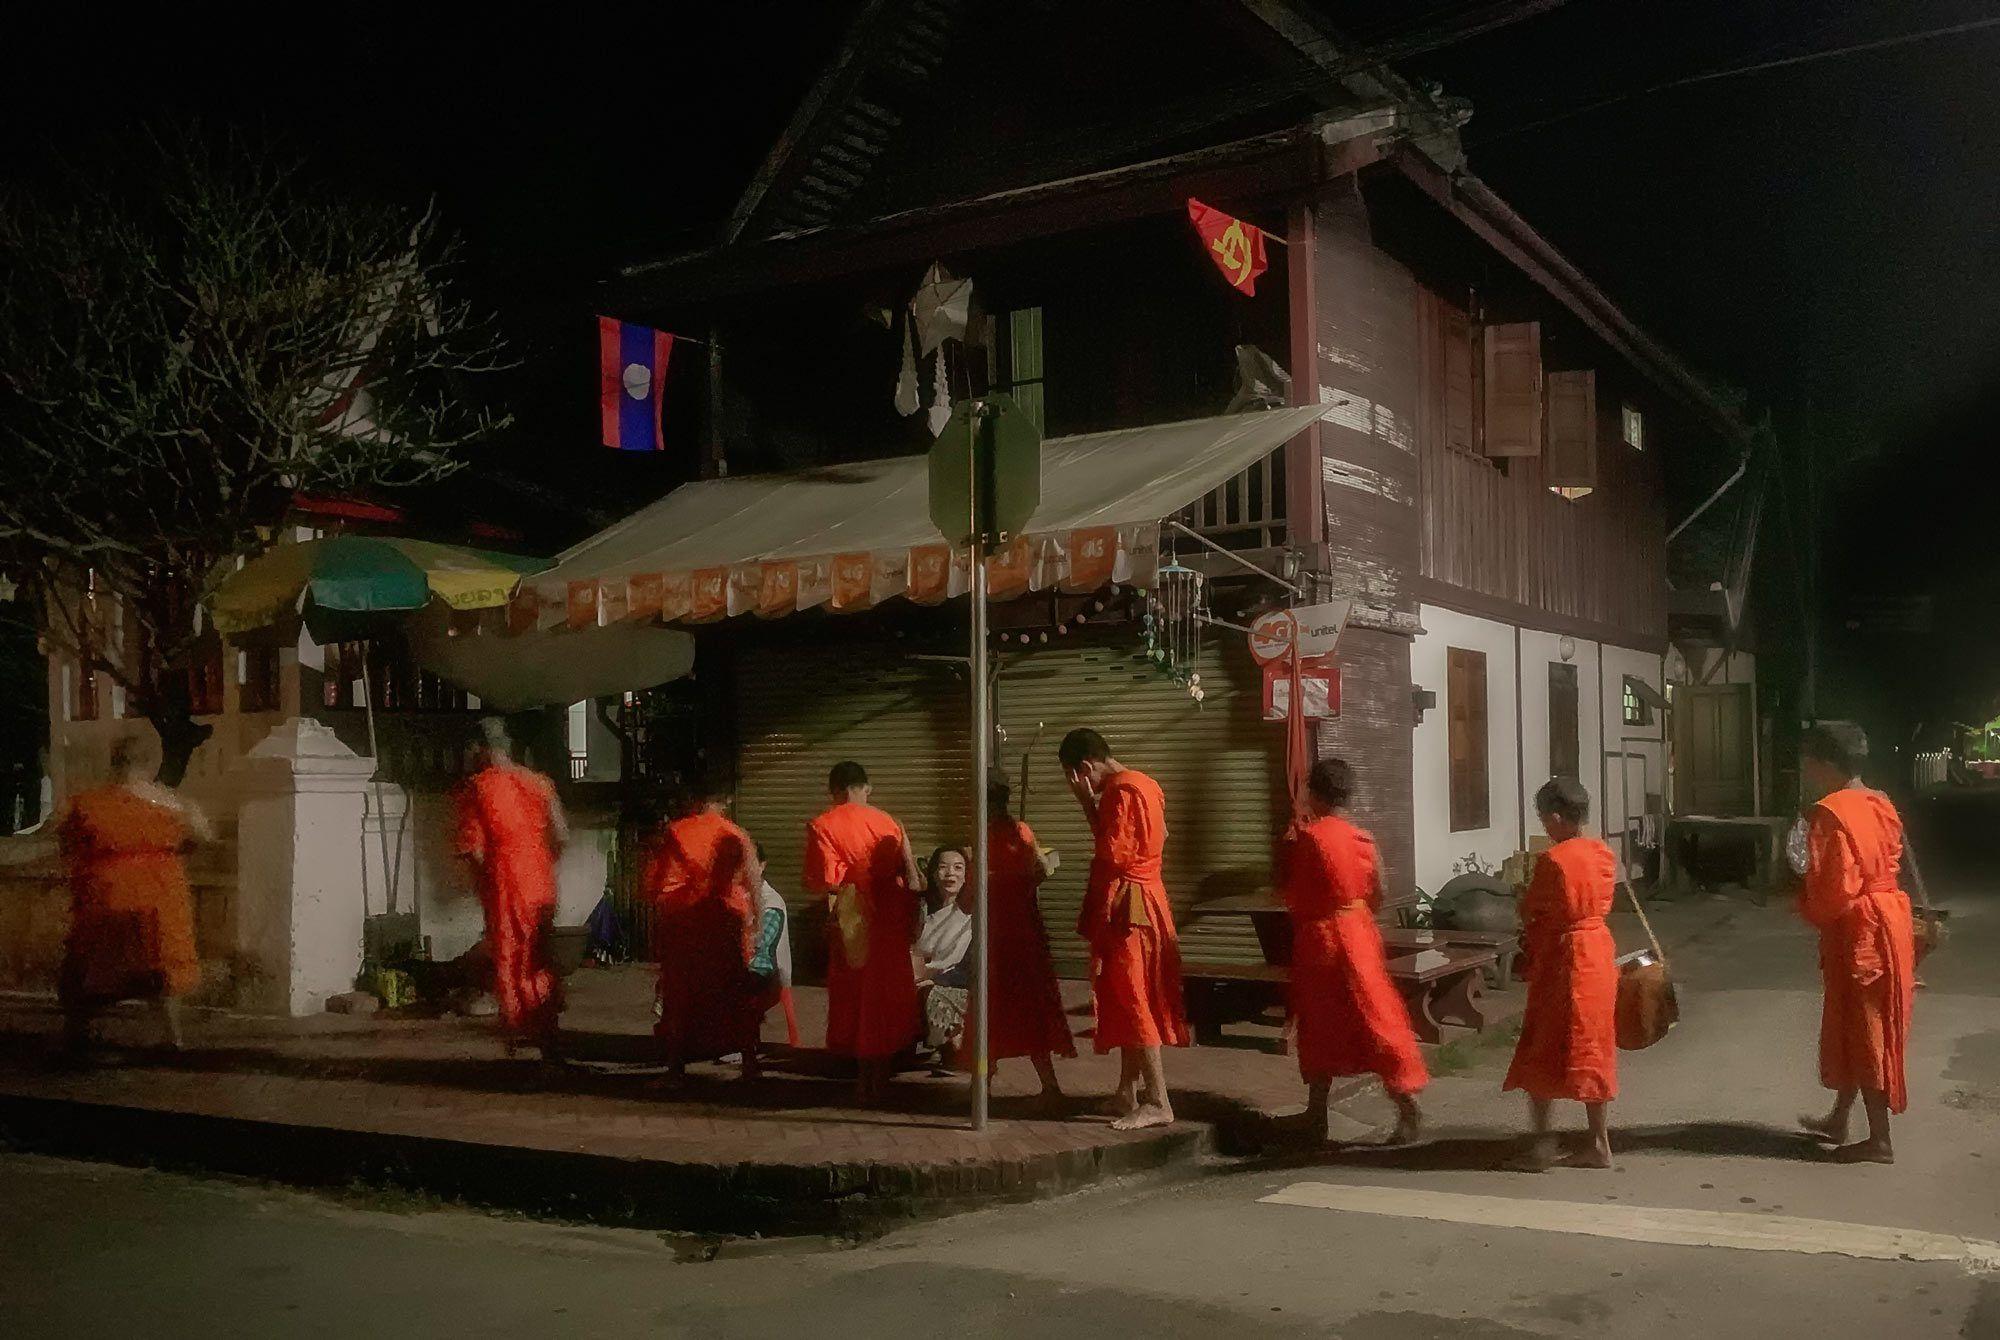 Mönche beim Almosengang in Luang Prabang